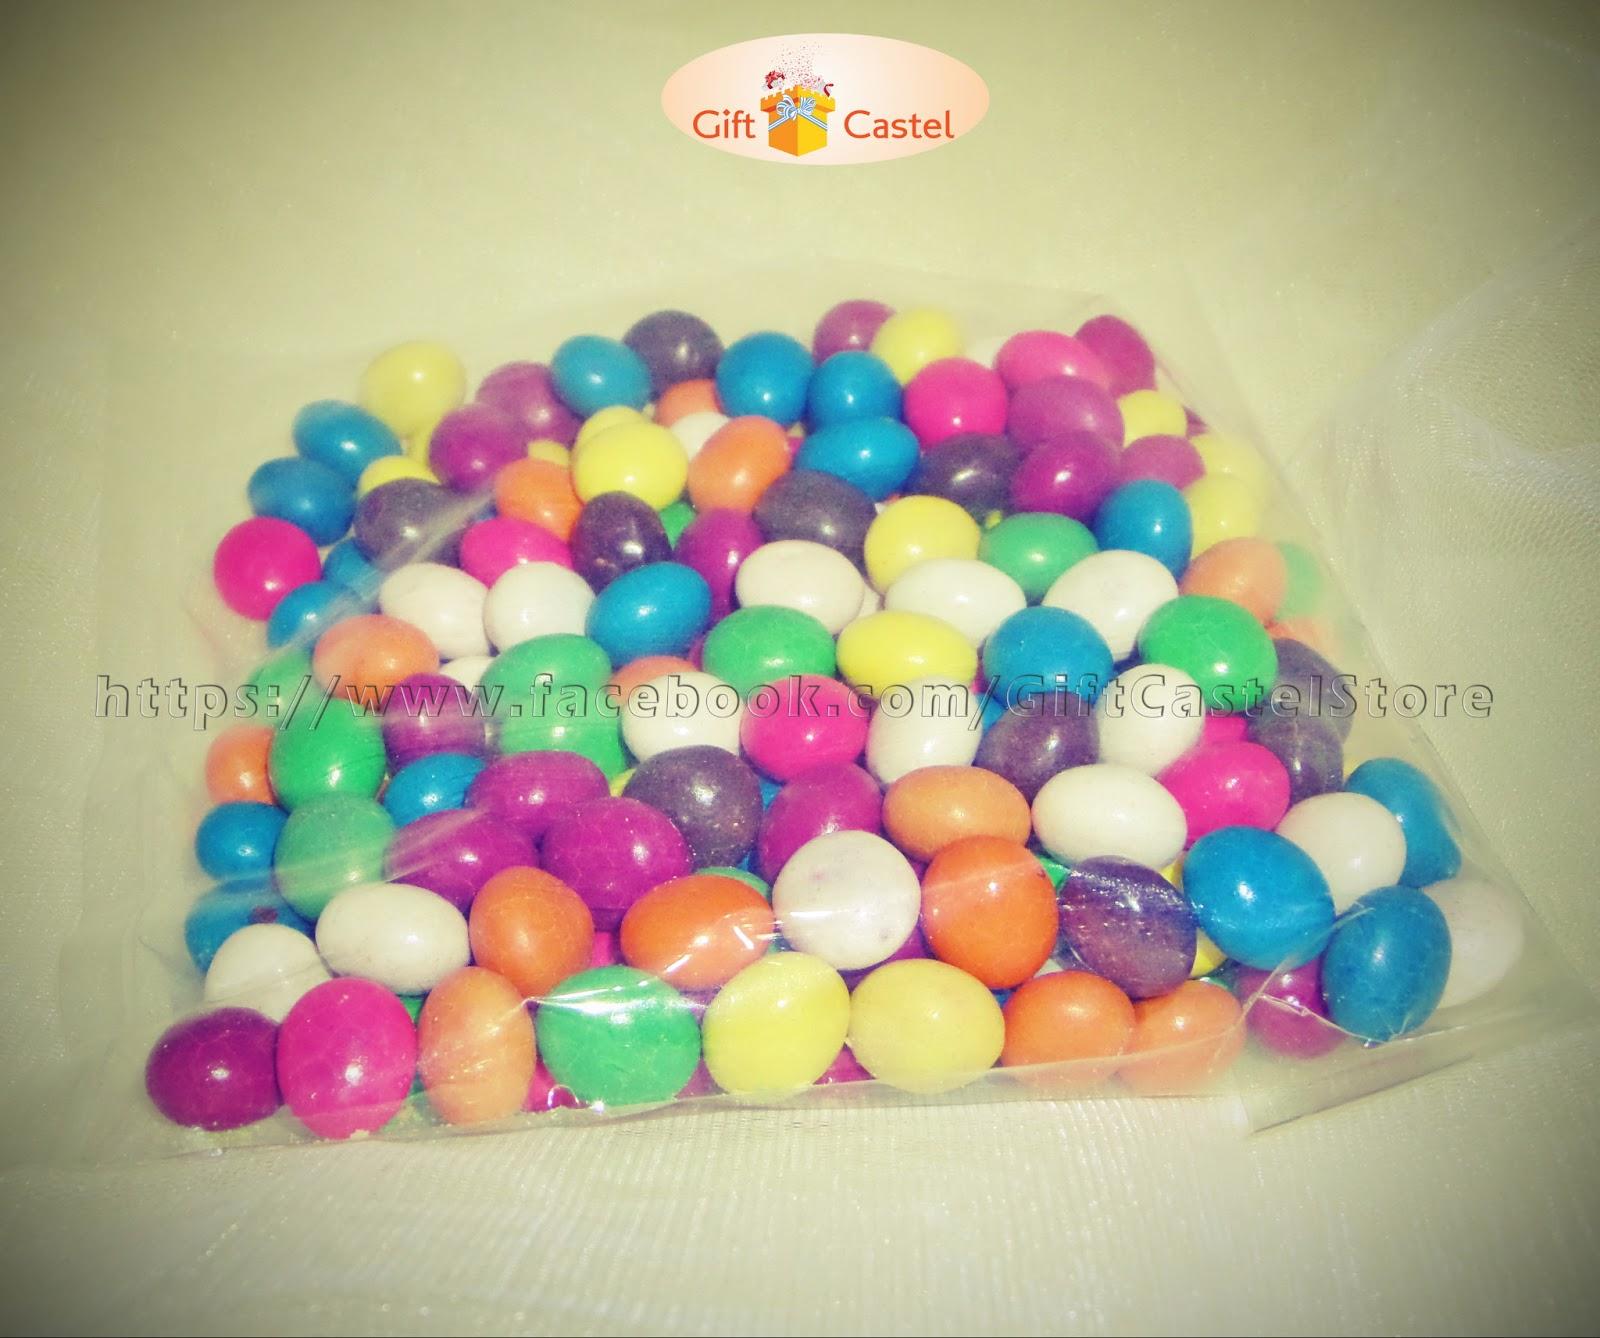 Berbagai Jenis Snack dan Camilan Sehat Yang Bisa Dibeli di Swalayan atau Minimarket